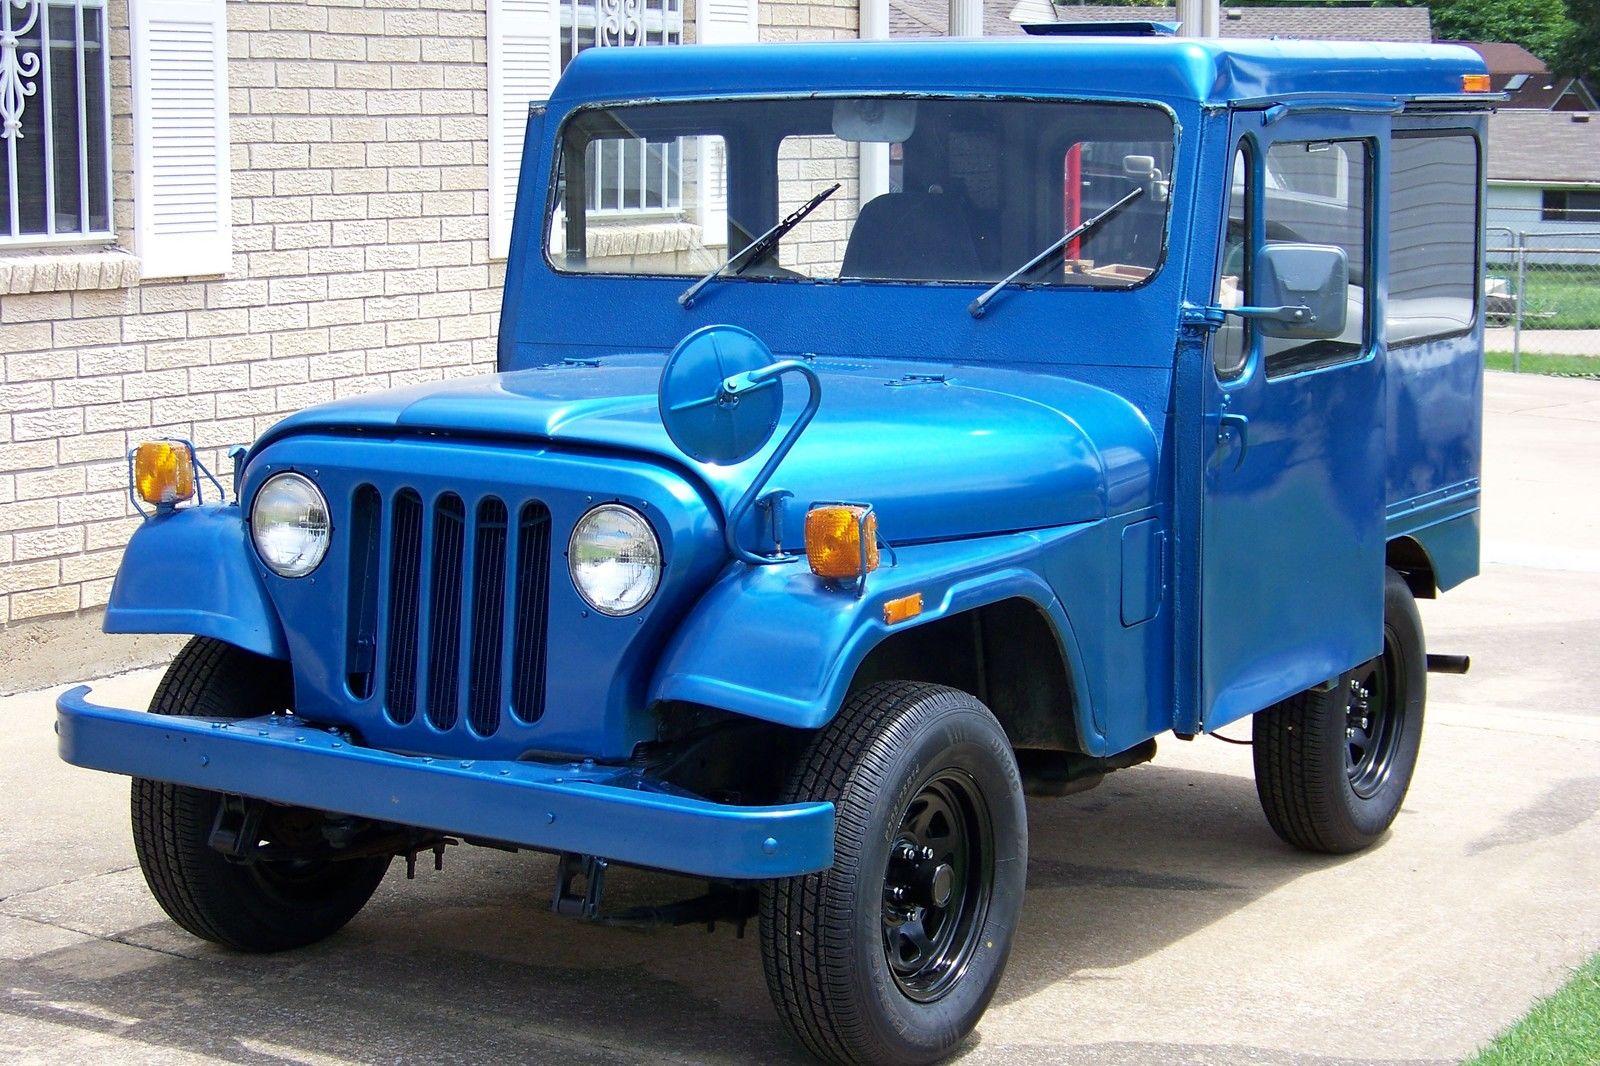 Custom Jeep Dj Postal Vehicle – Wonderful Image Gallery